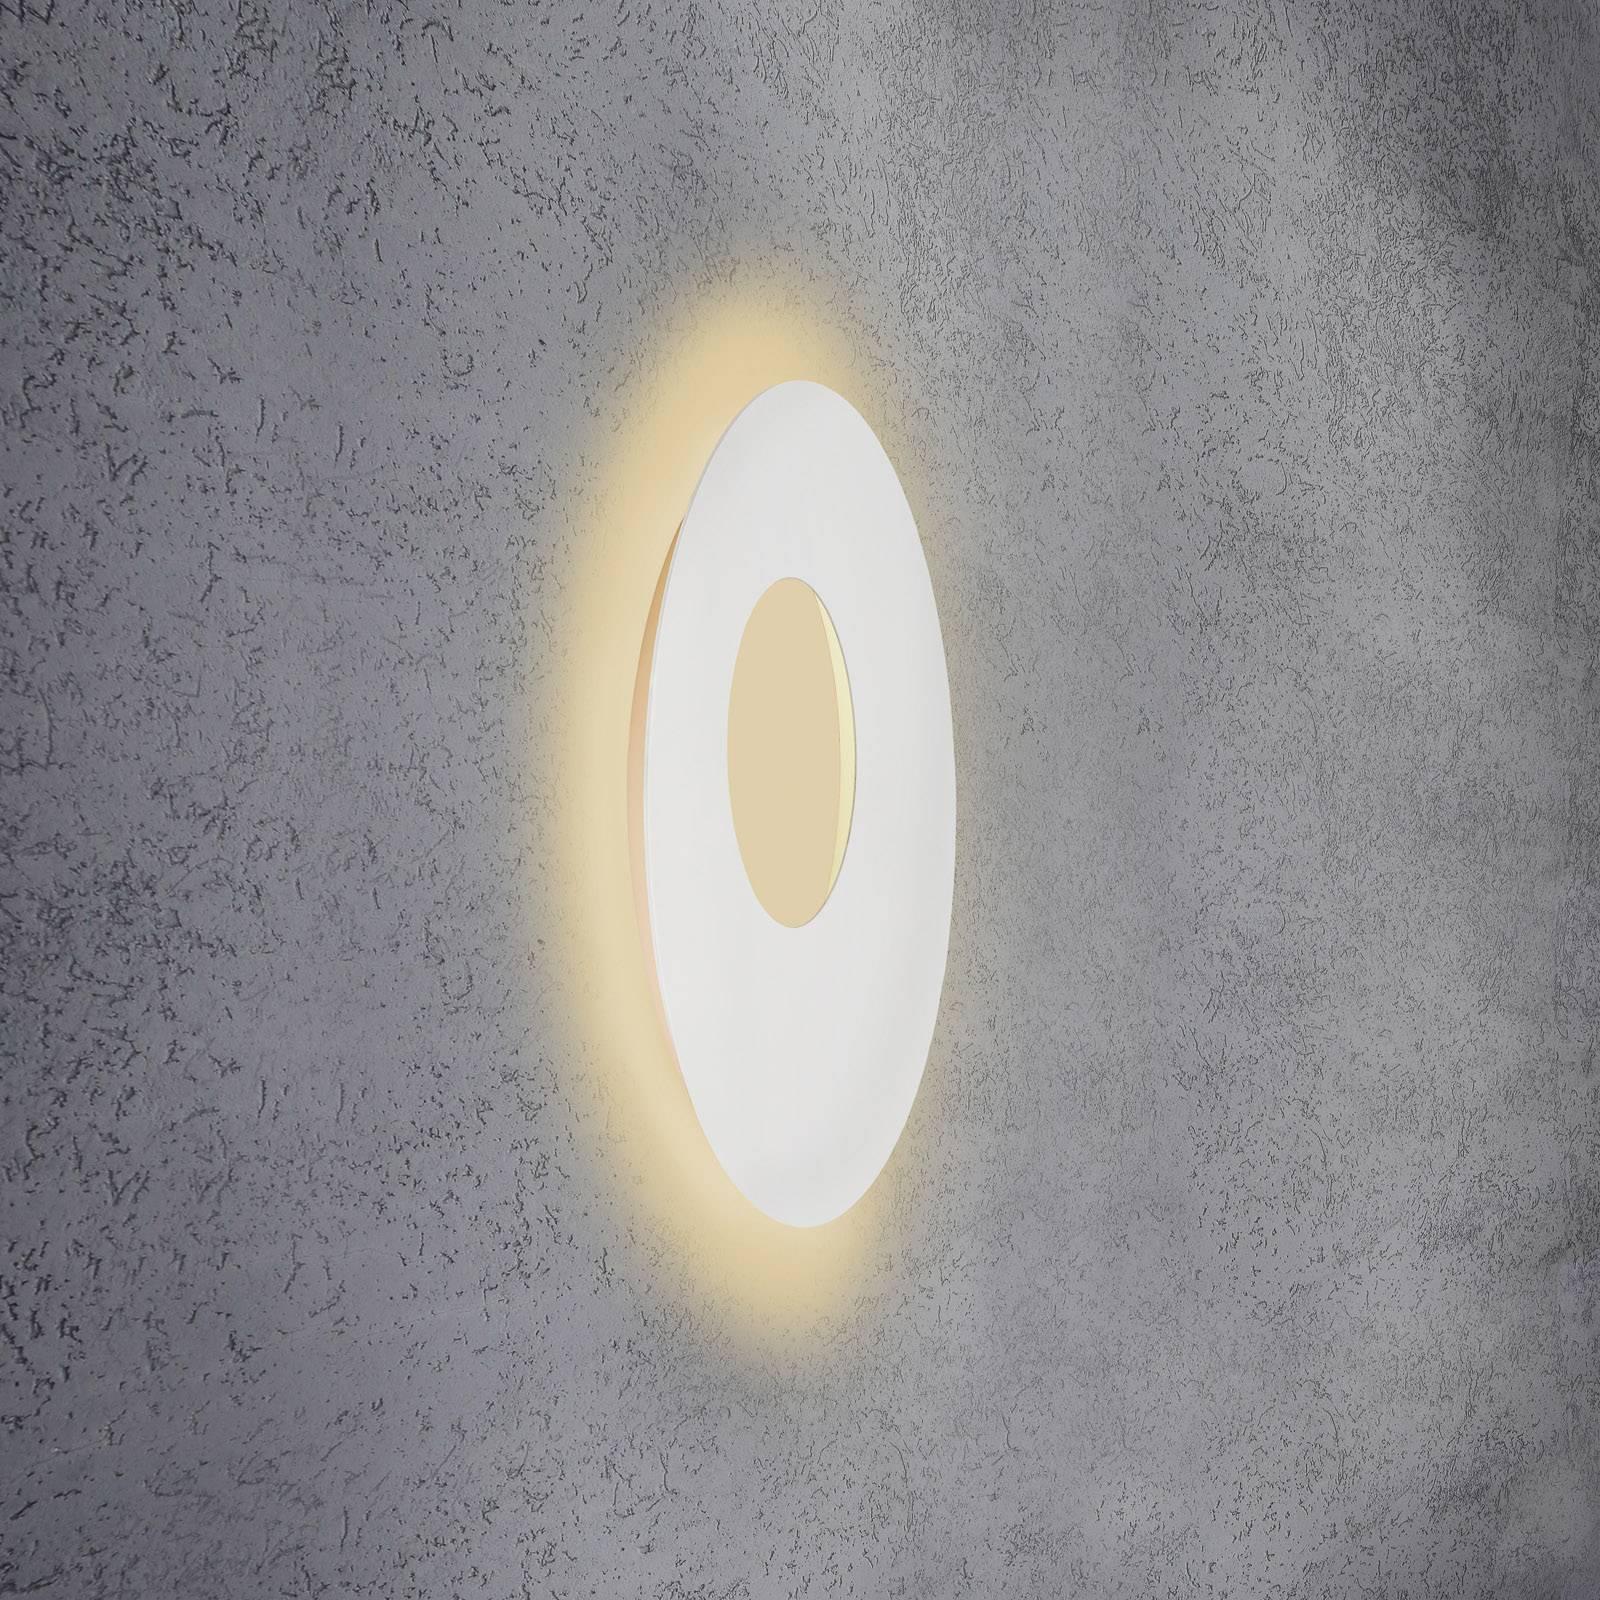 Escale Blade Open -LED-seinälamppu valkoinen Ø59cm